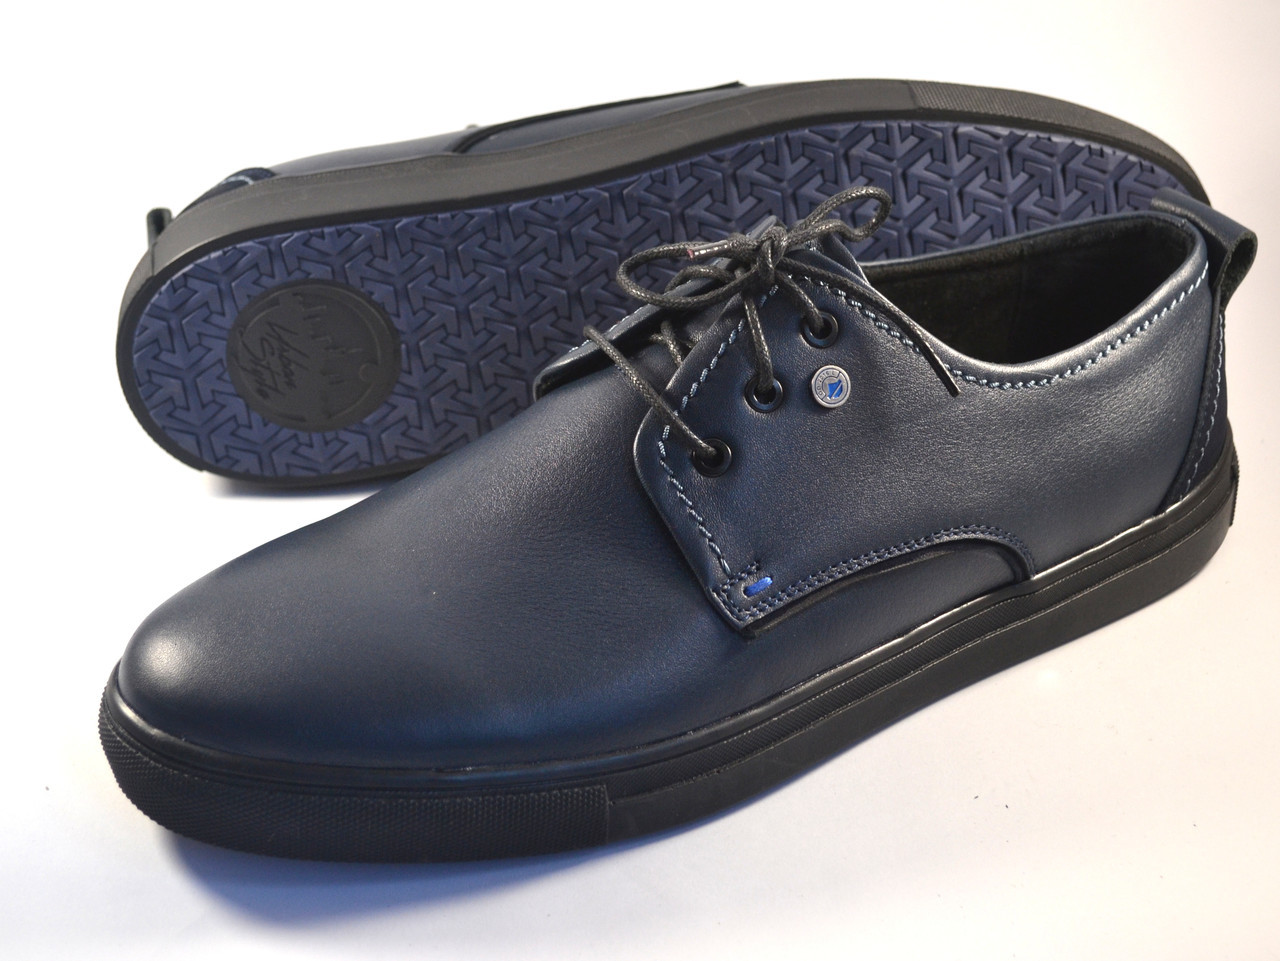 Обувь больших размеров мужская слипоны синие кроссовки кожаные Rosso Avangard BS OrigSlipy Blu Lether